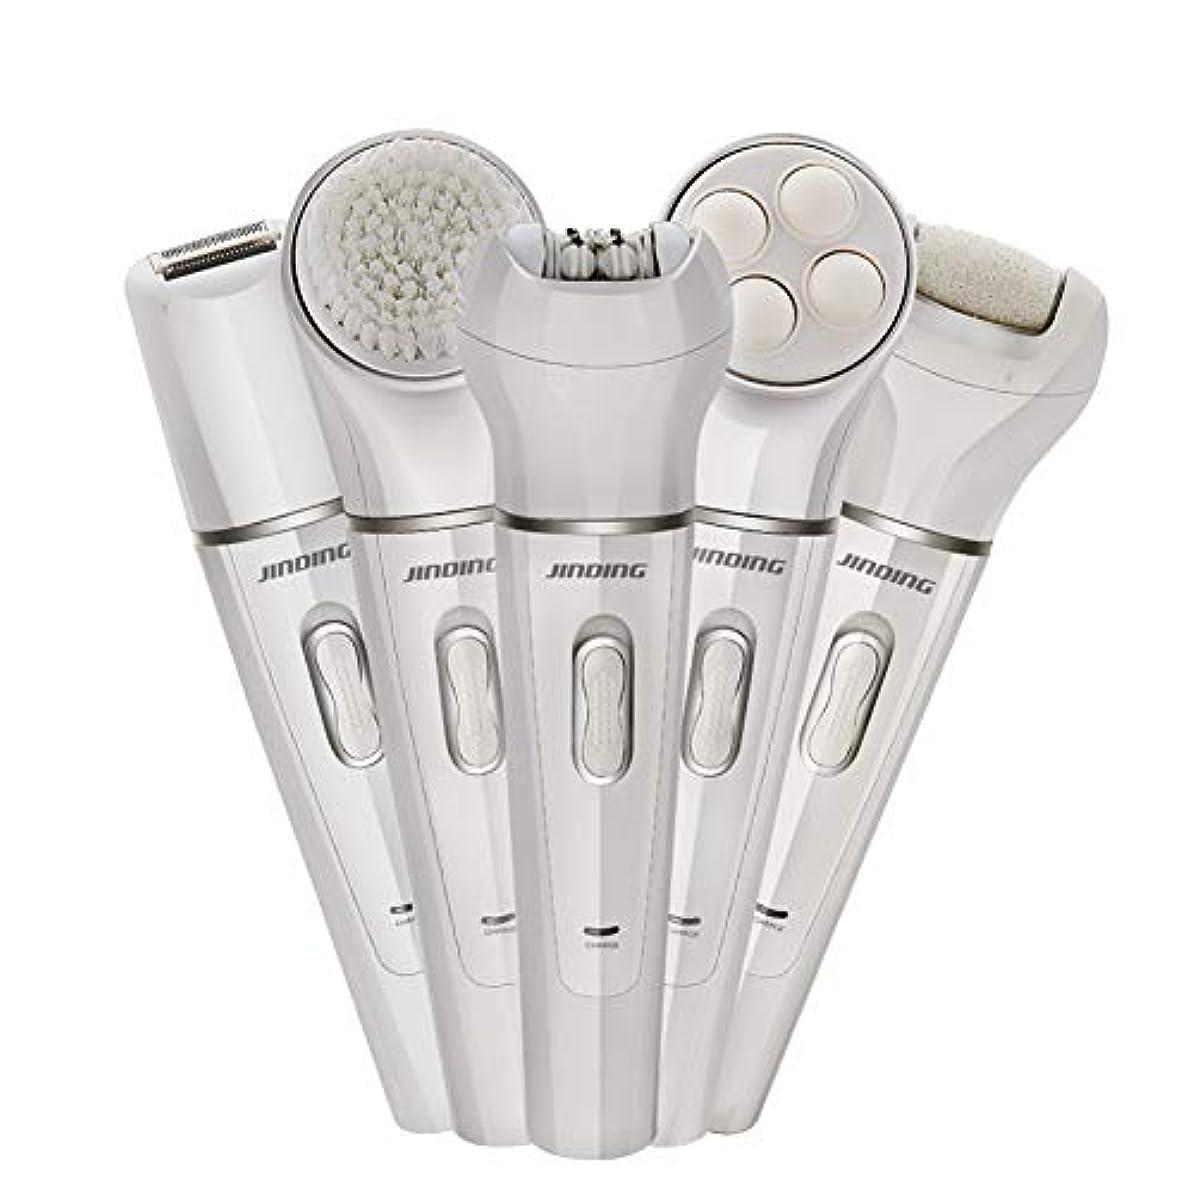 行列医薬確保する1充電式ペディキュアデッドスキン自動研削フットカルスリムーバー脱毛器シェーバーヘアーリムーバーセットで電気フットファイル、5